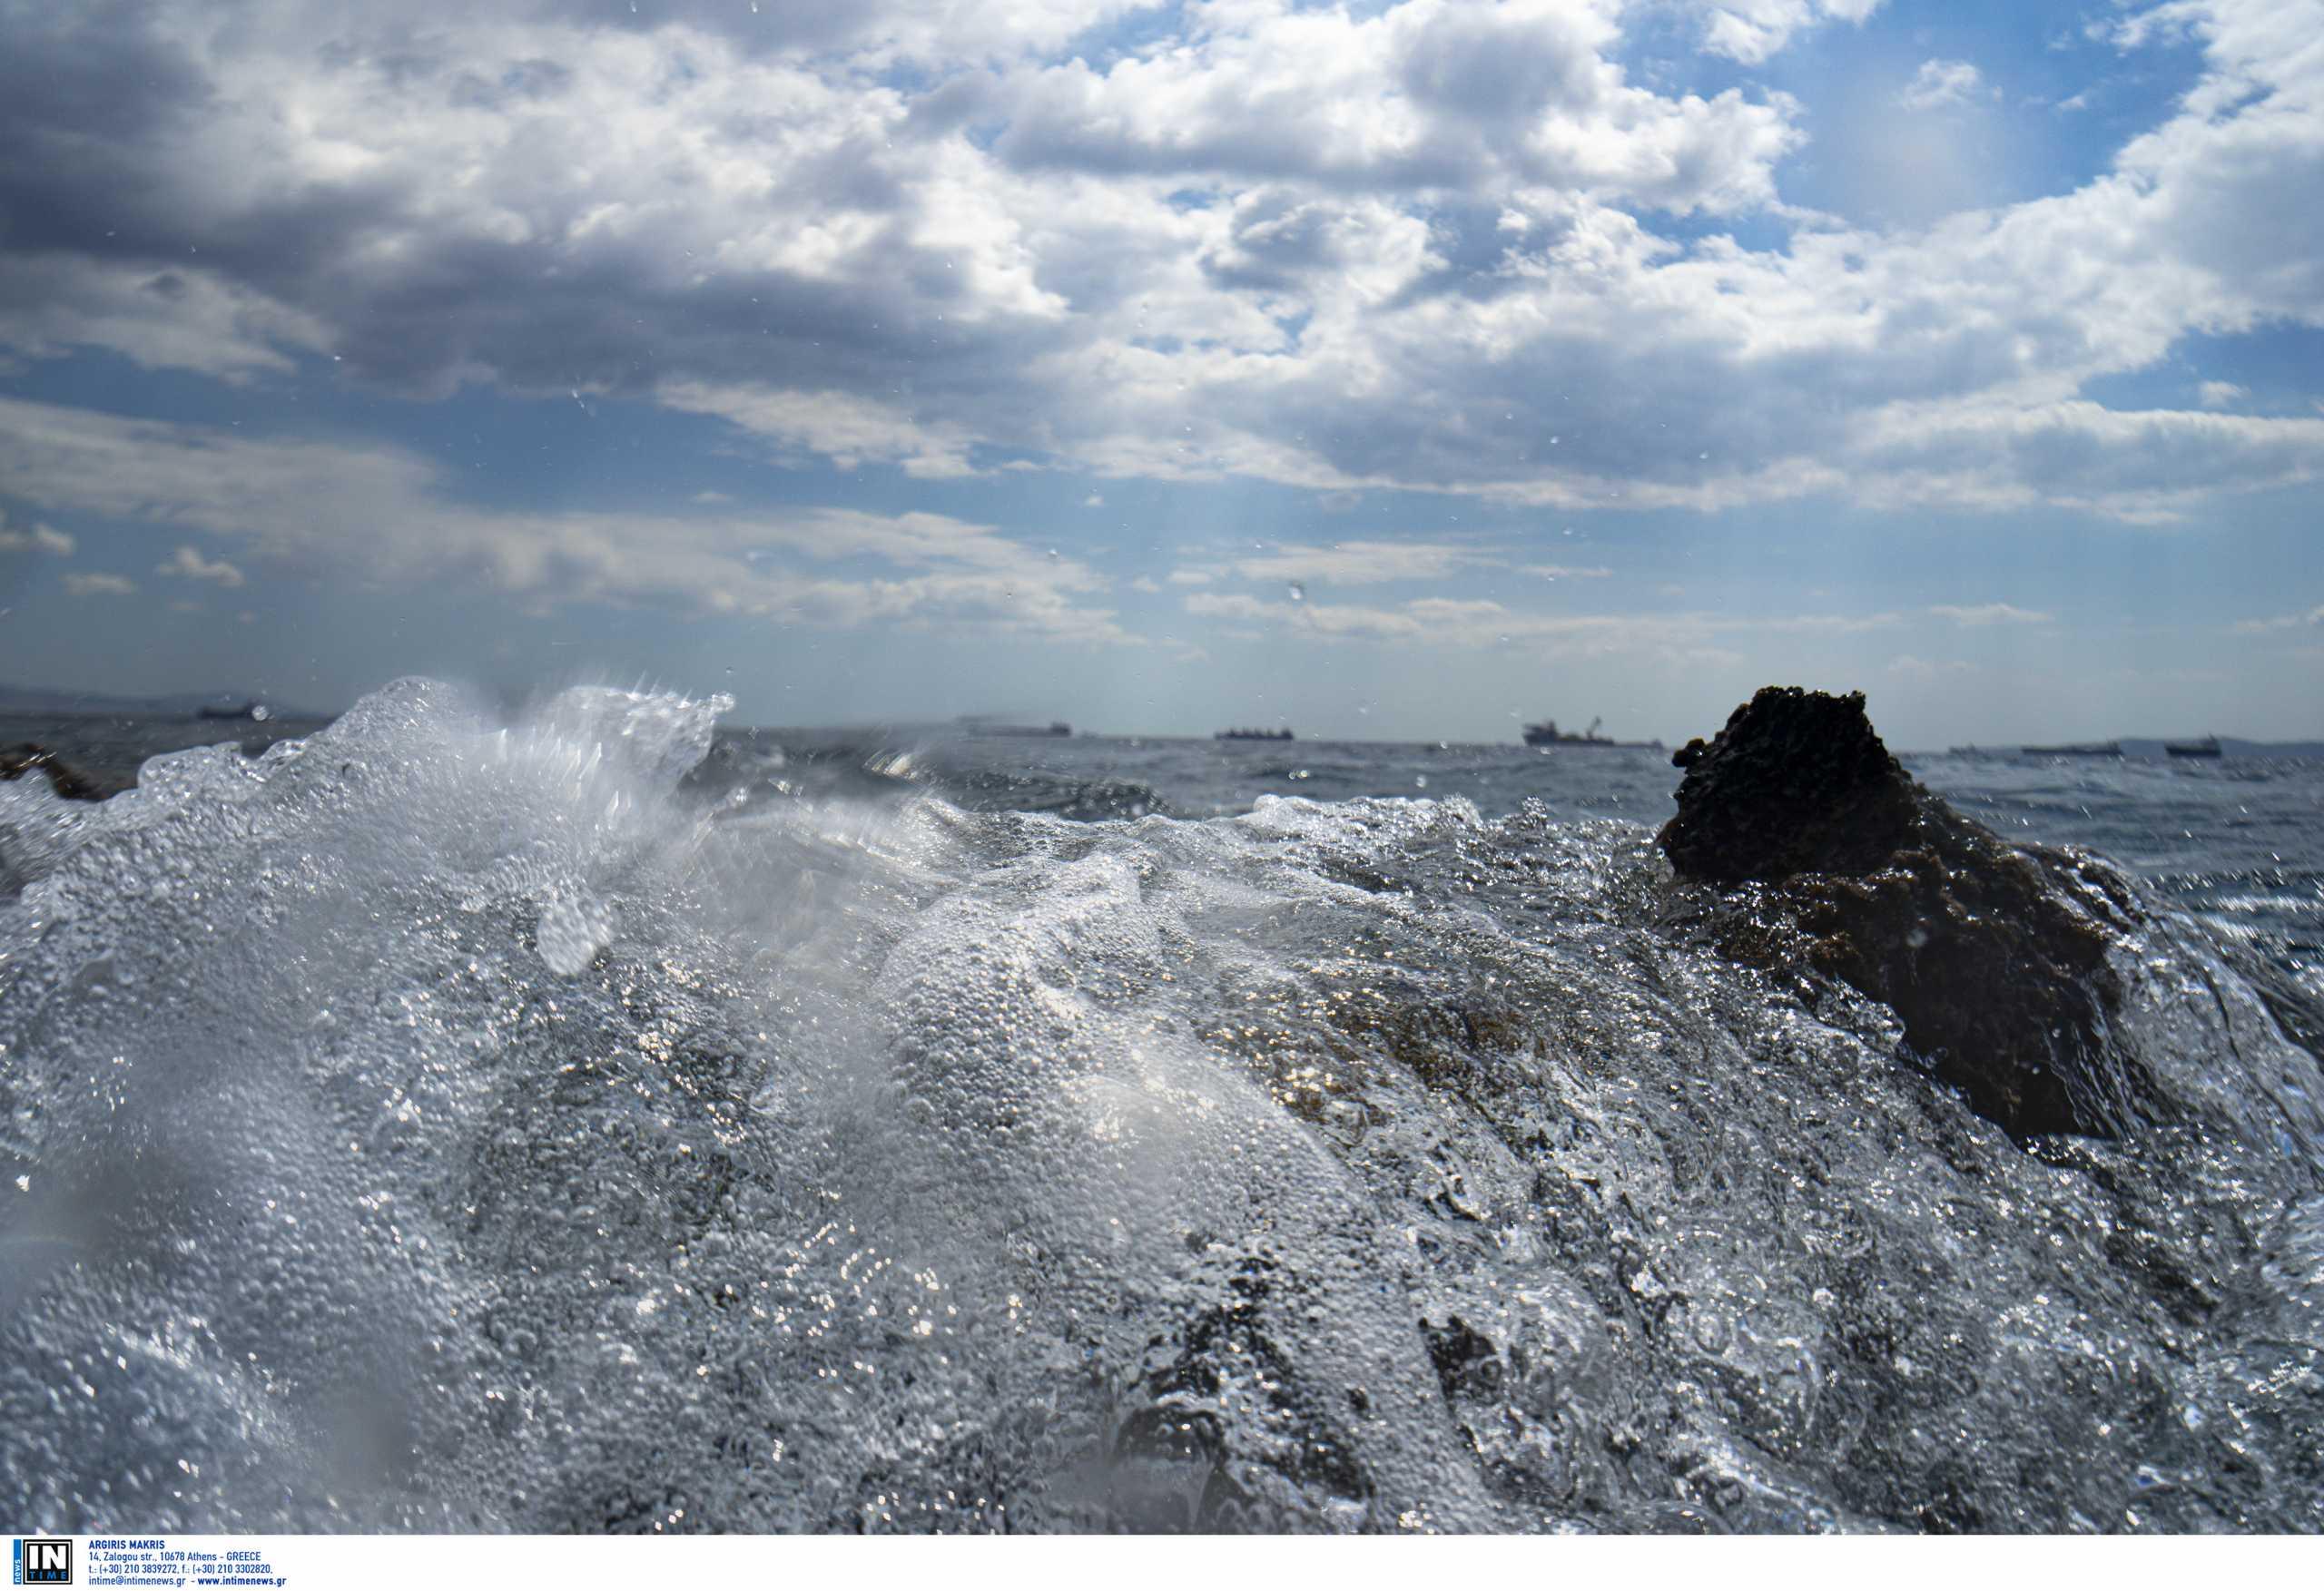 Ζάκυνθος: Σκάφος παρέσυρε και χτύπησε τουρίστα που έκανε μπάνιο στη θάλασσα του Λαγανά